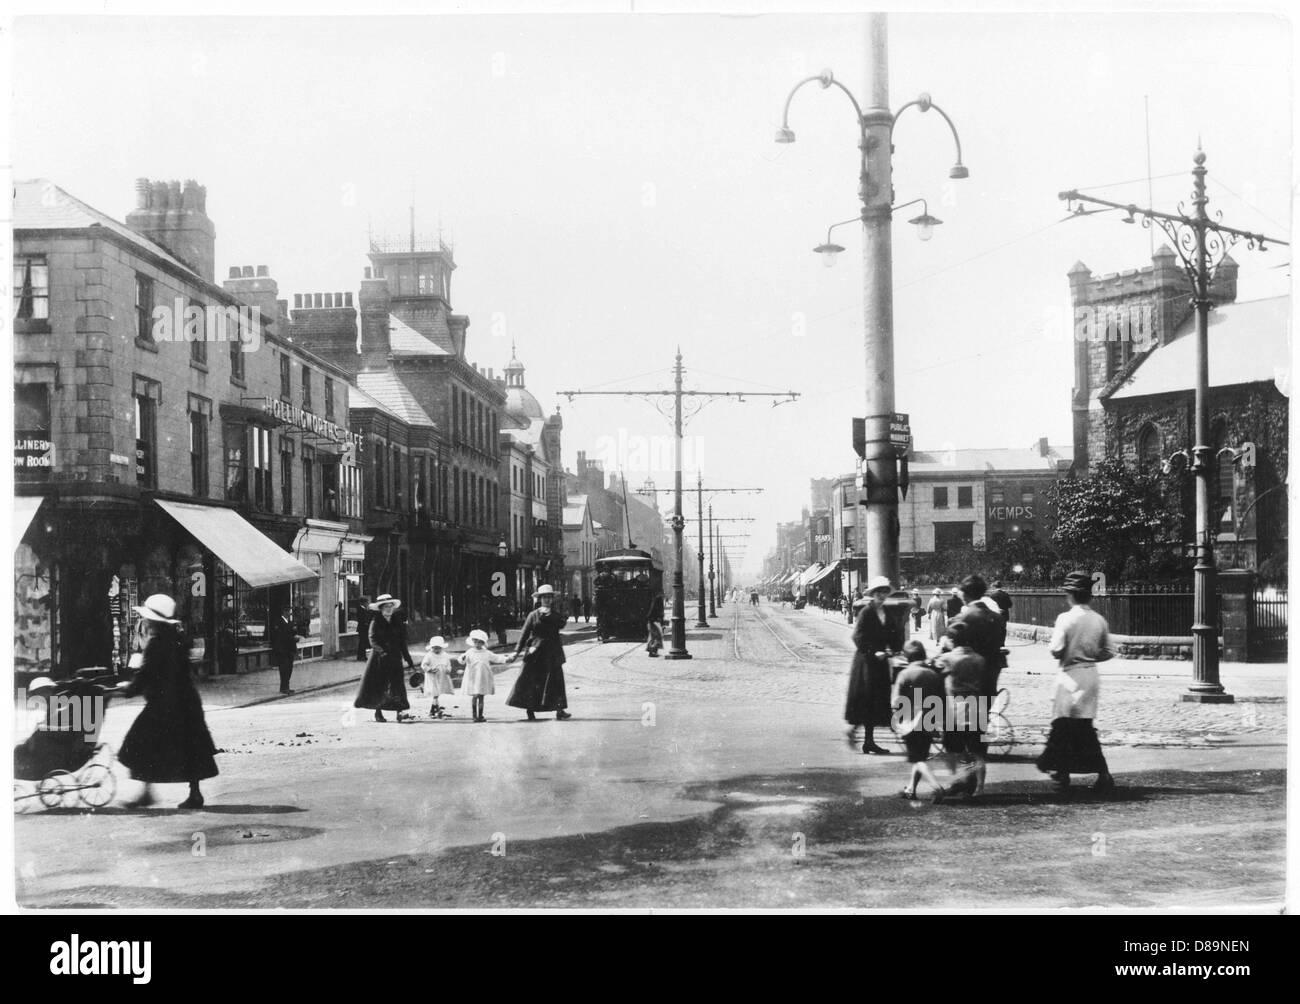 Fleetwood 1919 - Stock Image